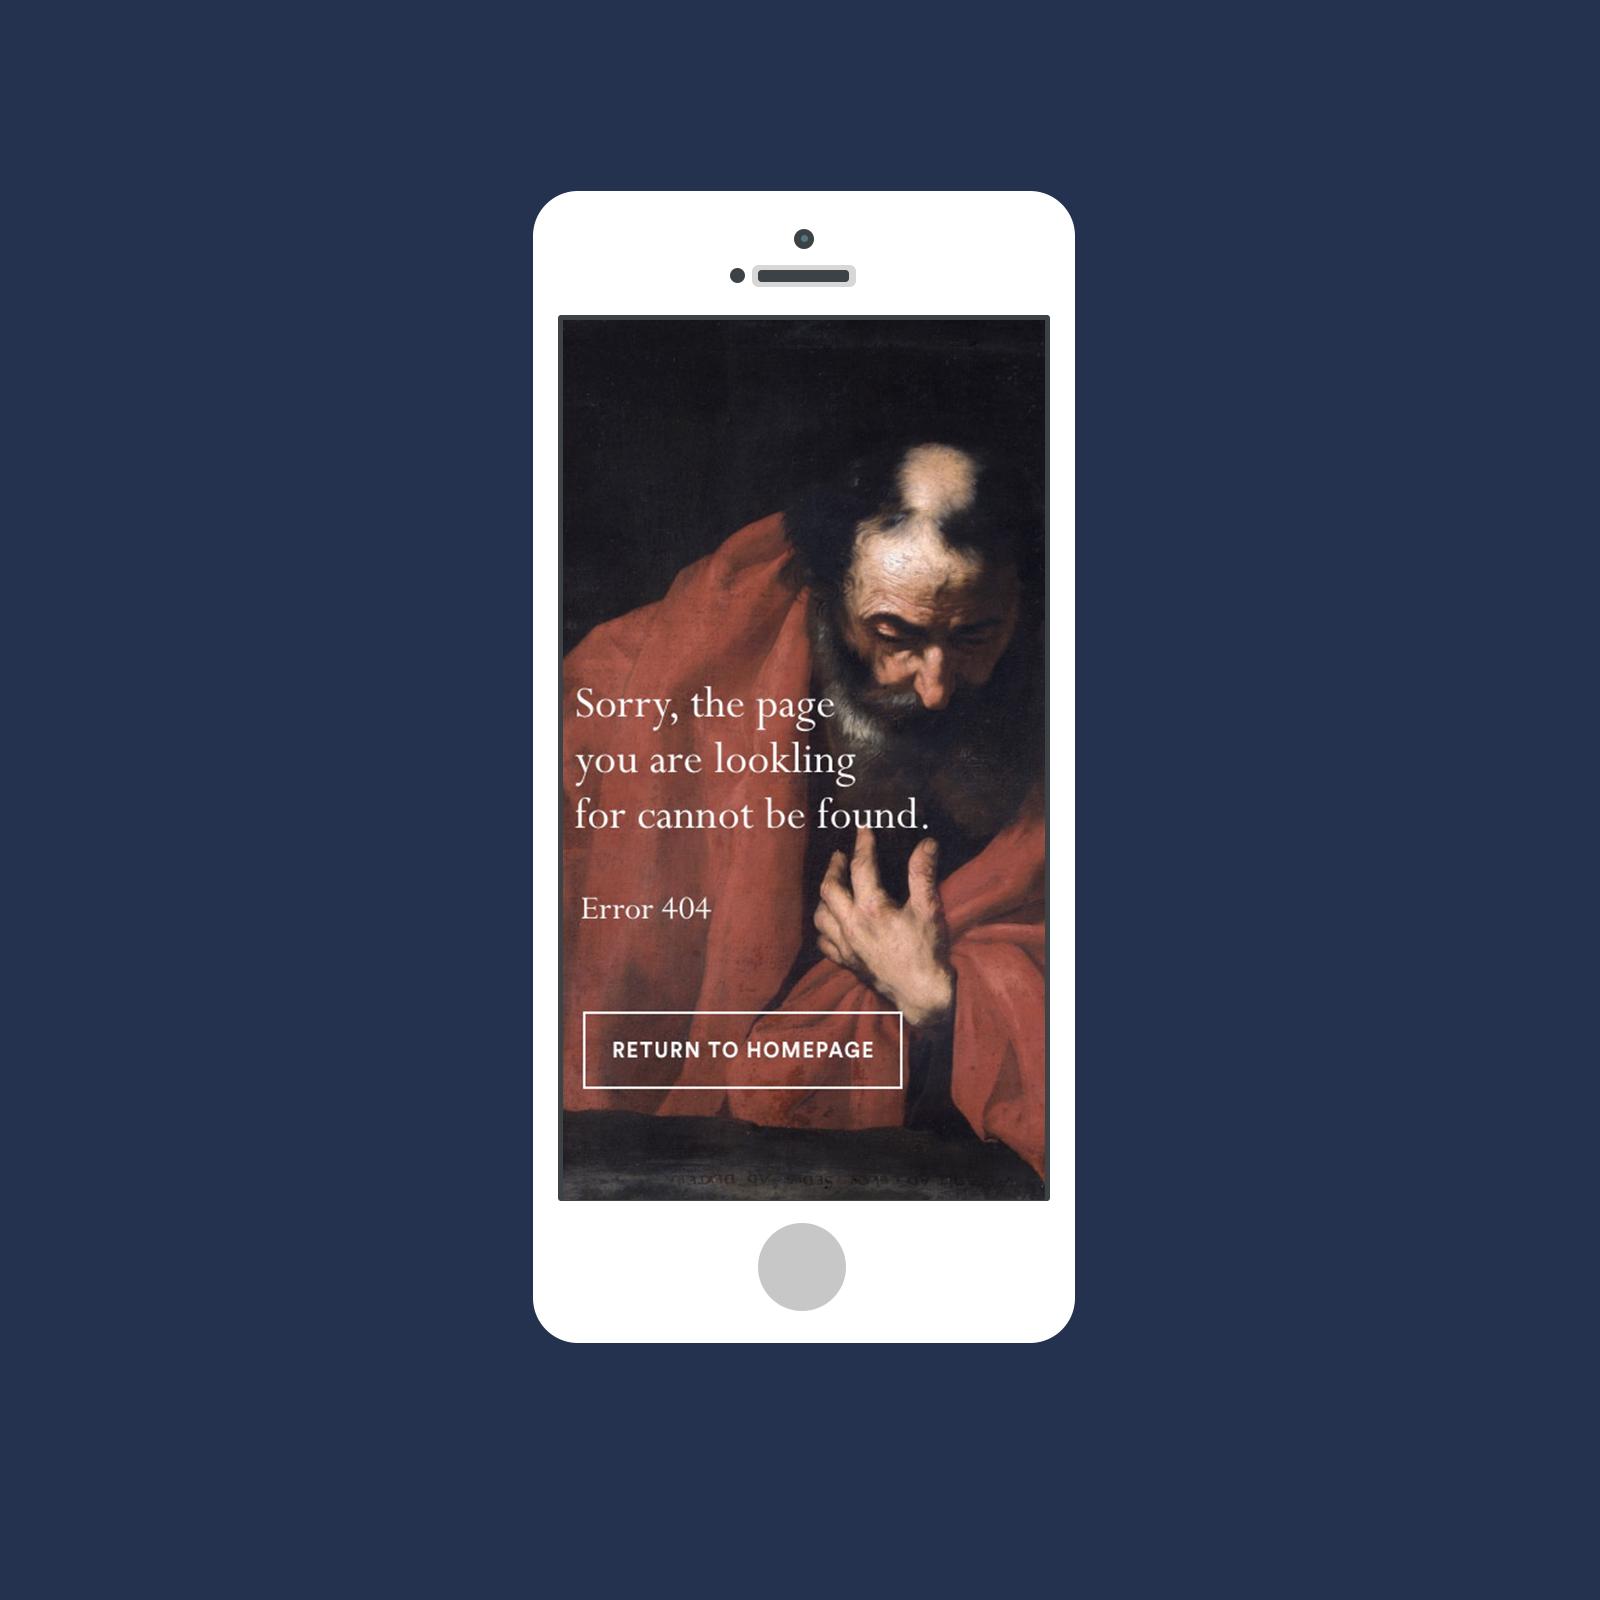 Website: mobile